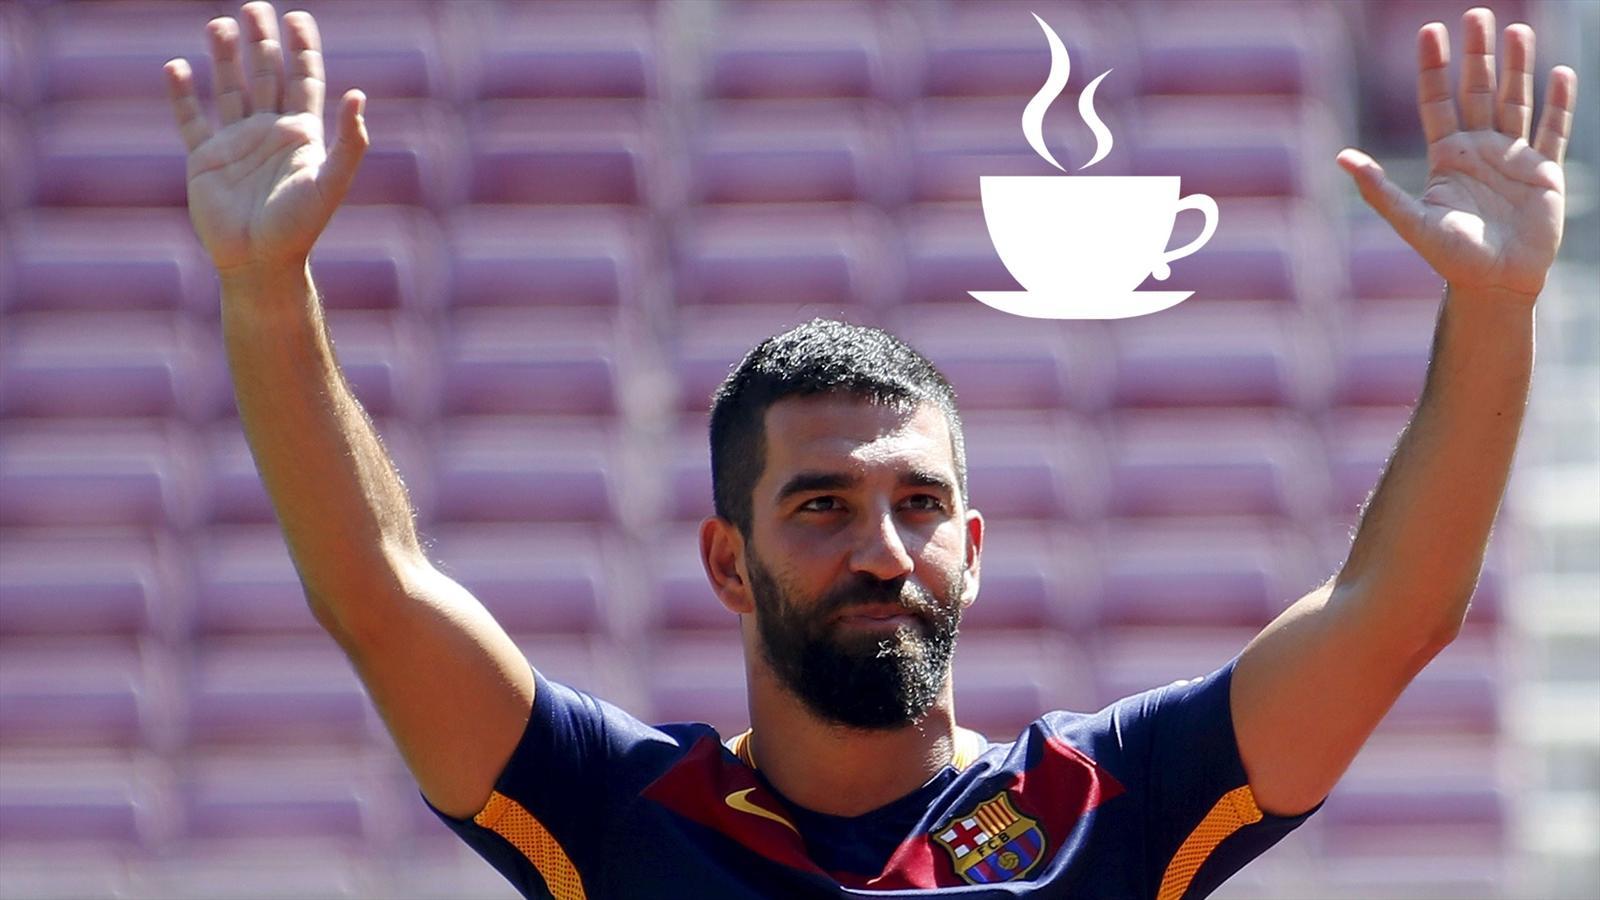 برشلونة يتجه إلى المحكمة الرياضية لتسجيل توران رسميا